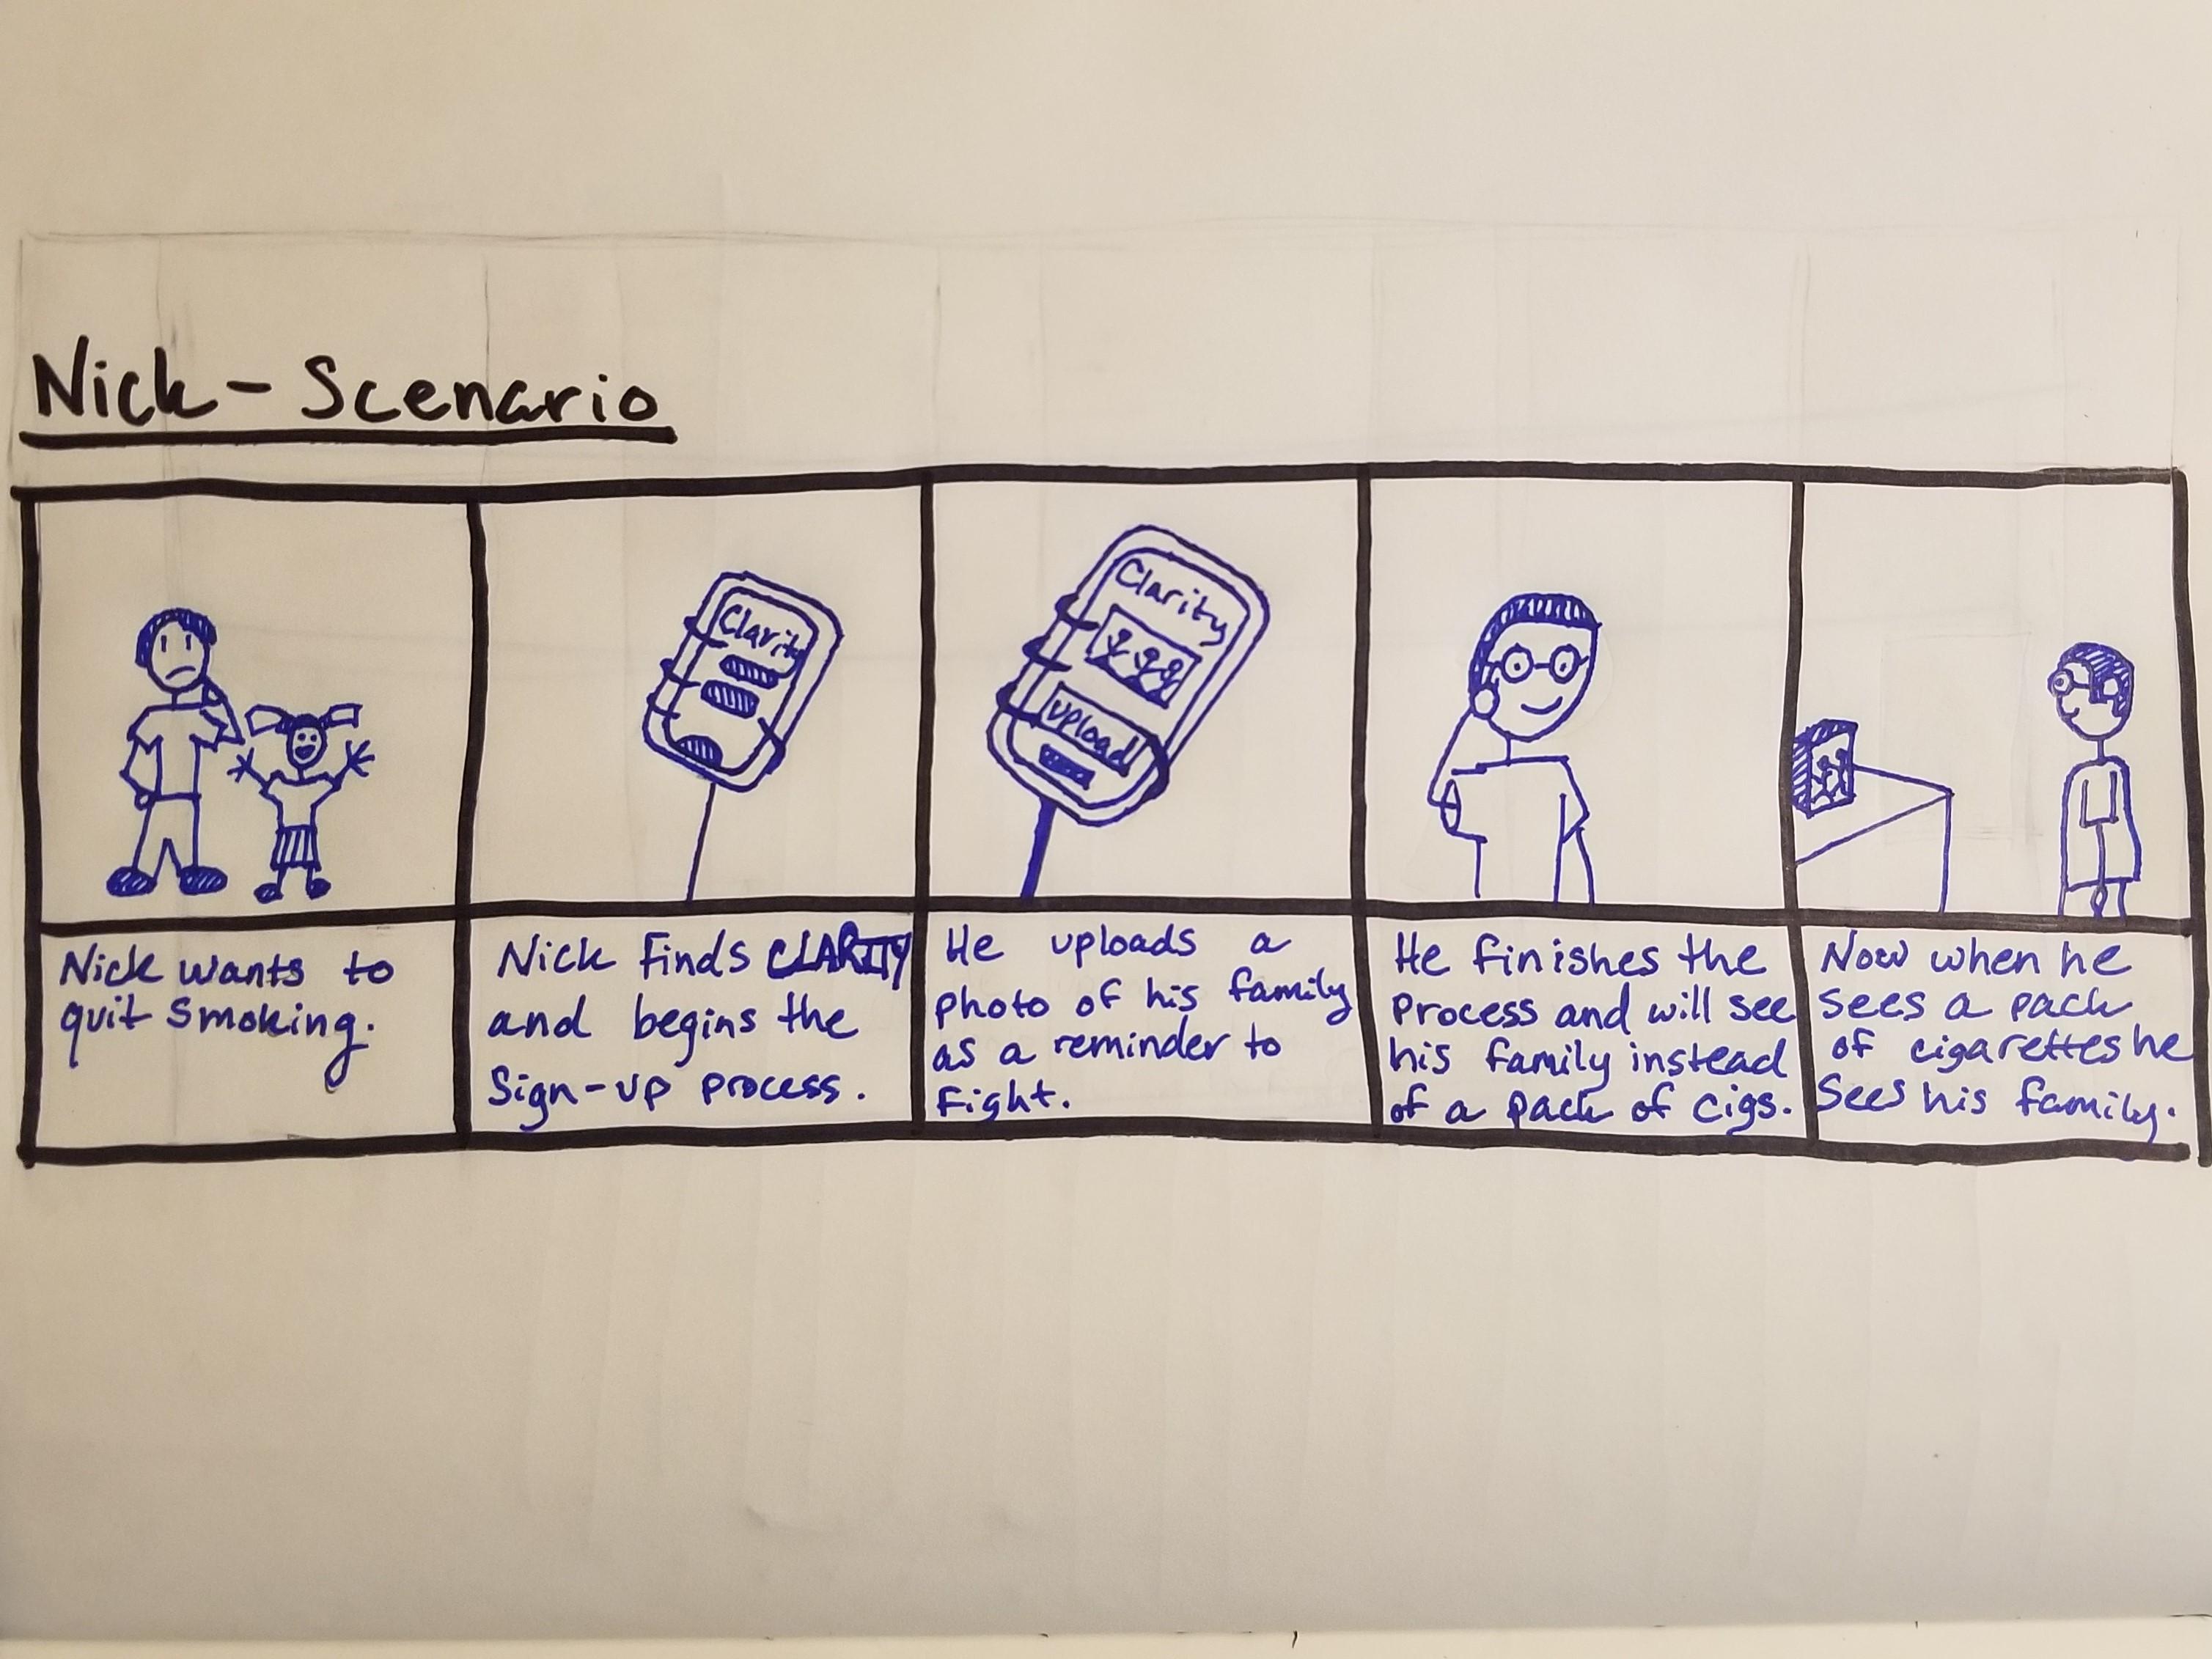 Nick - Scenario